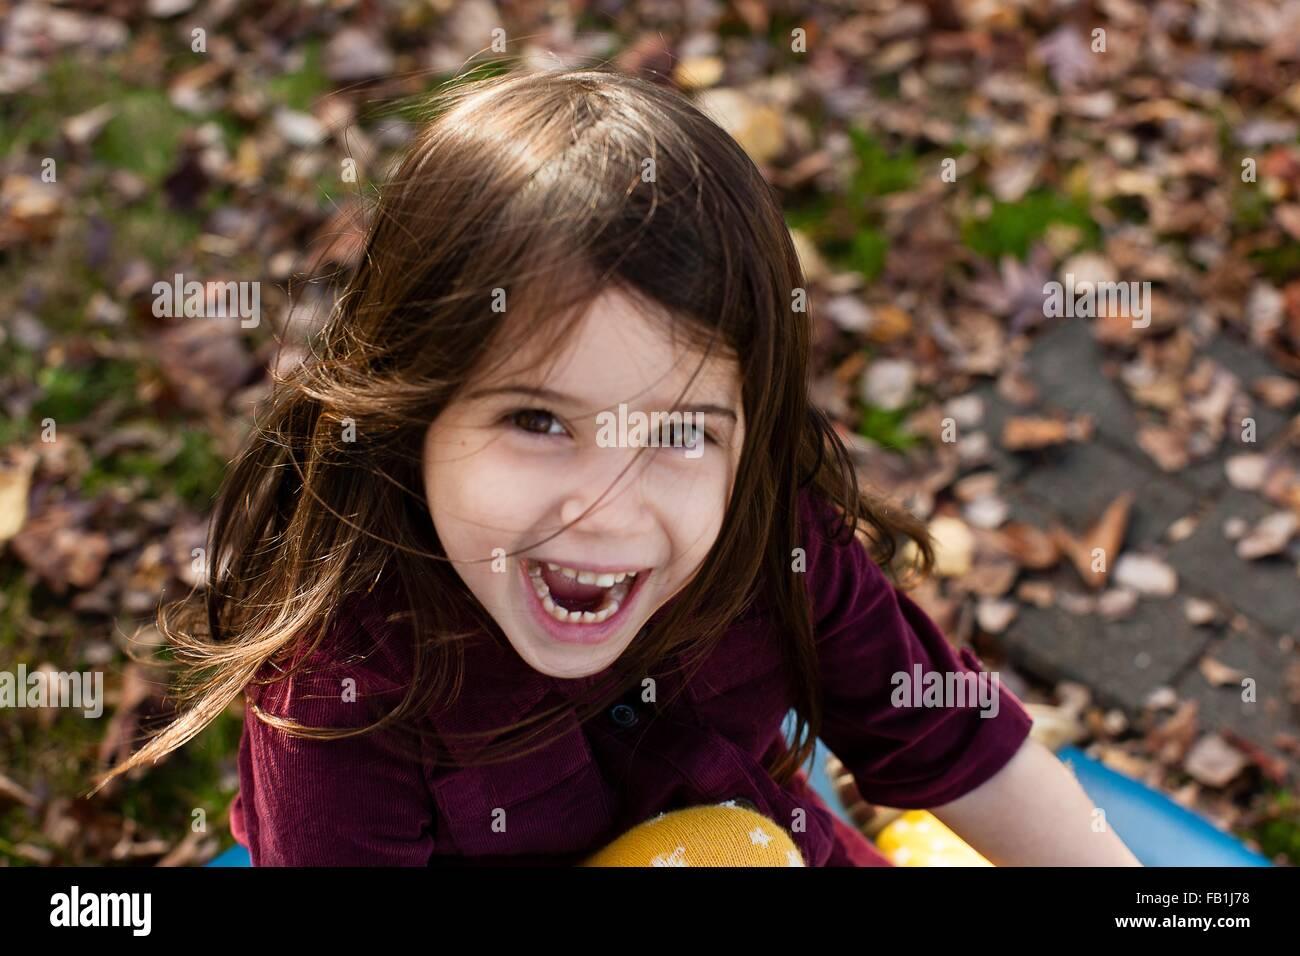 High angle portrait of young girl parmi les feuilles d'automne à la caméra en bouche ouverte smiling Photo Stock